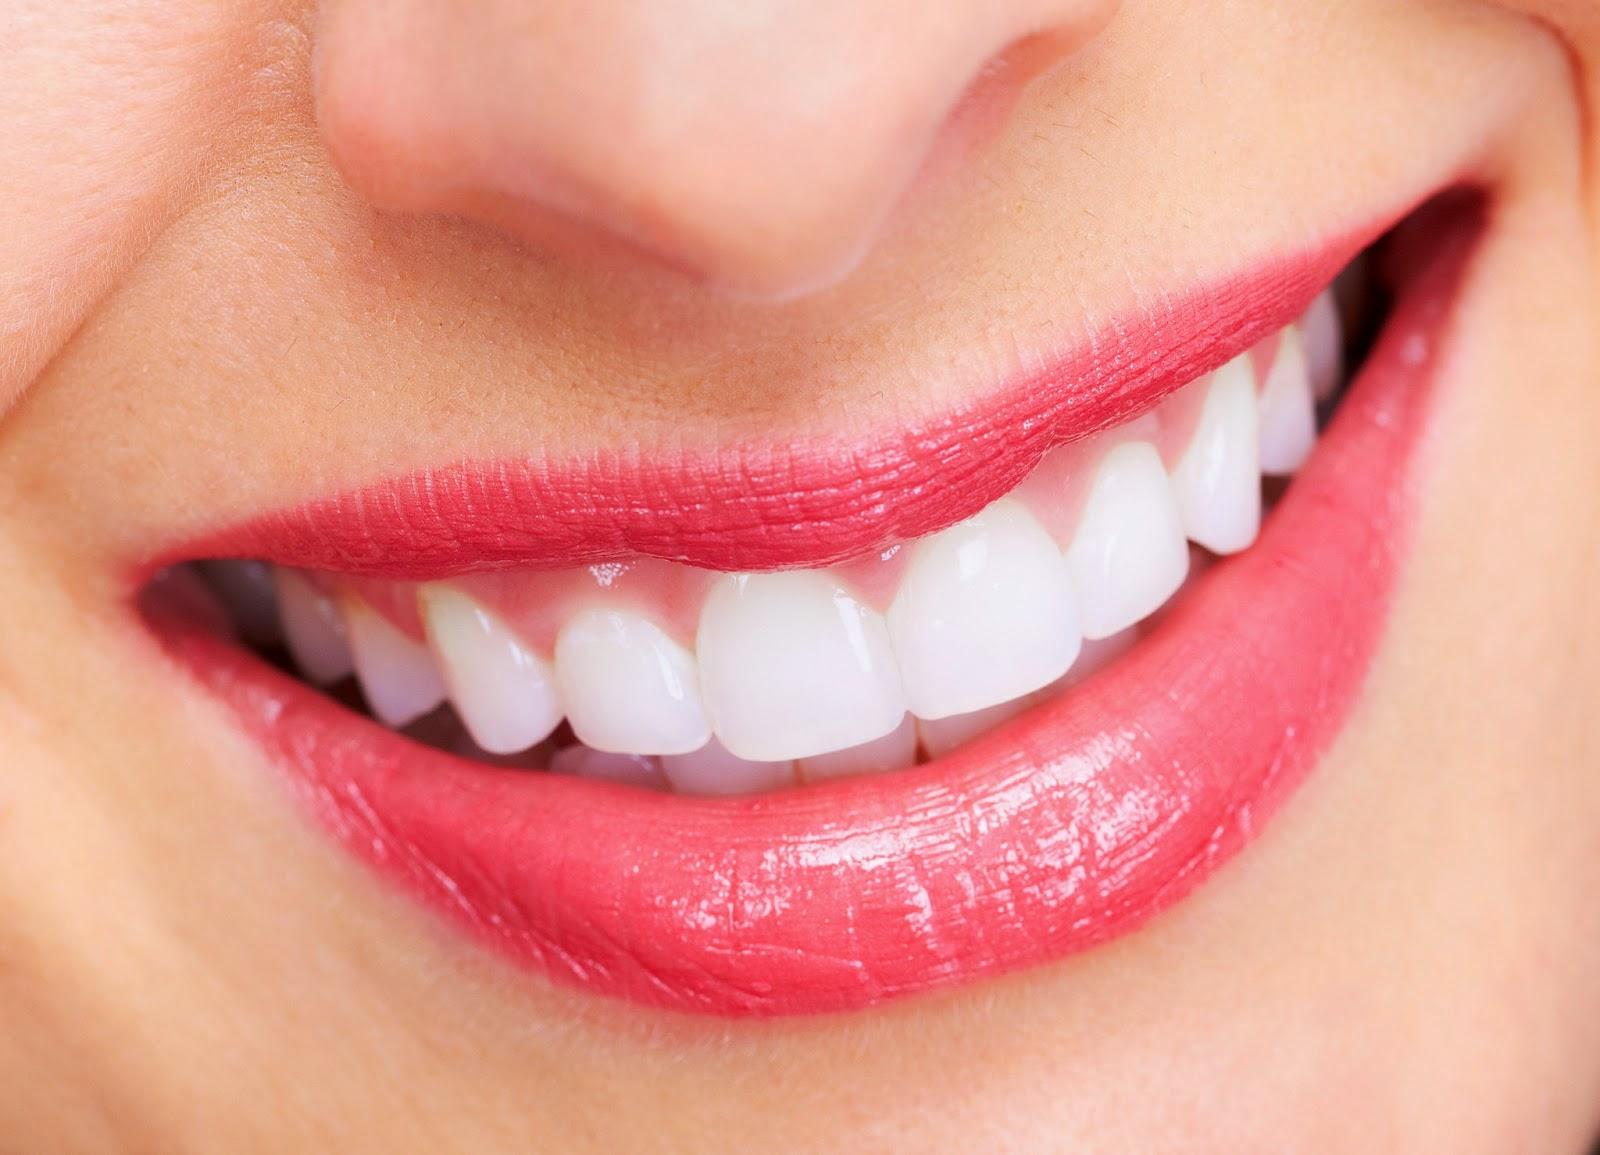 Những điều thú vị về răng mà có thể bạn chưa biết